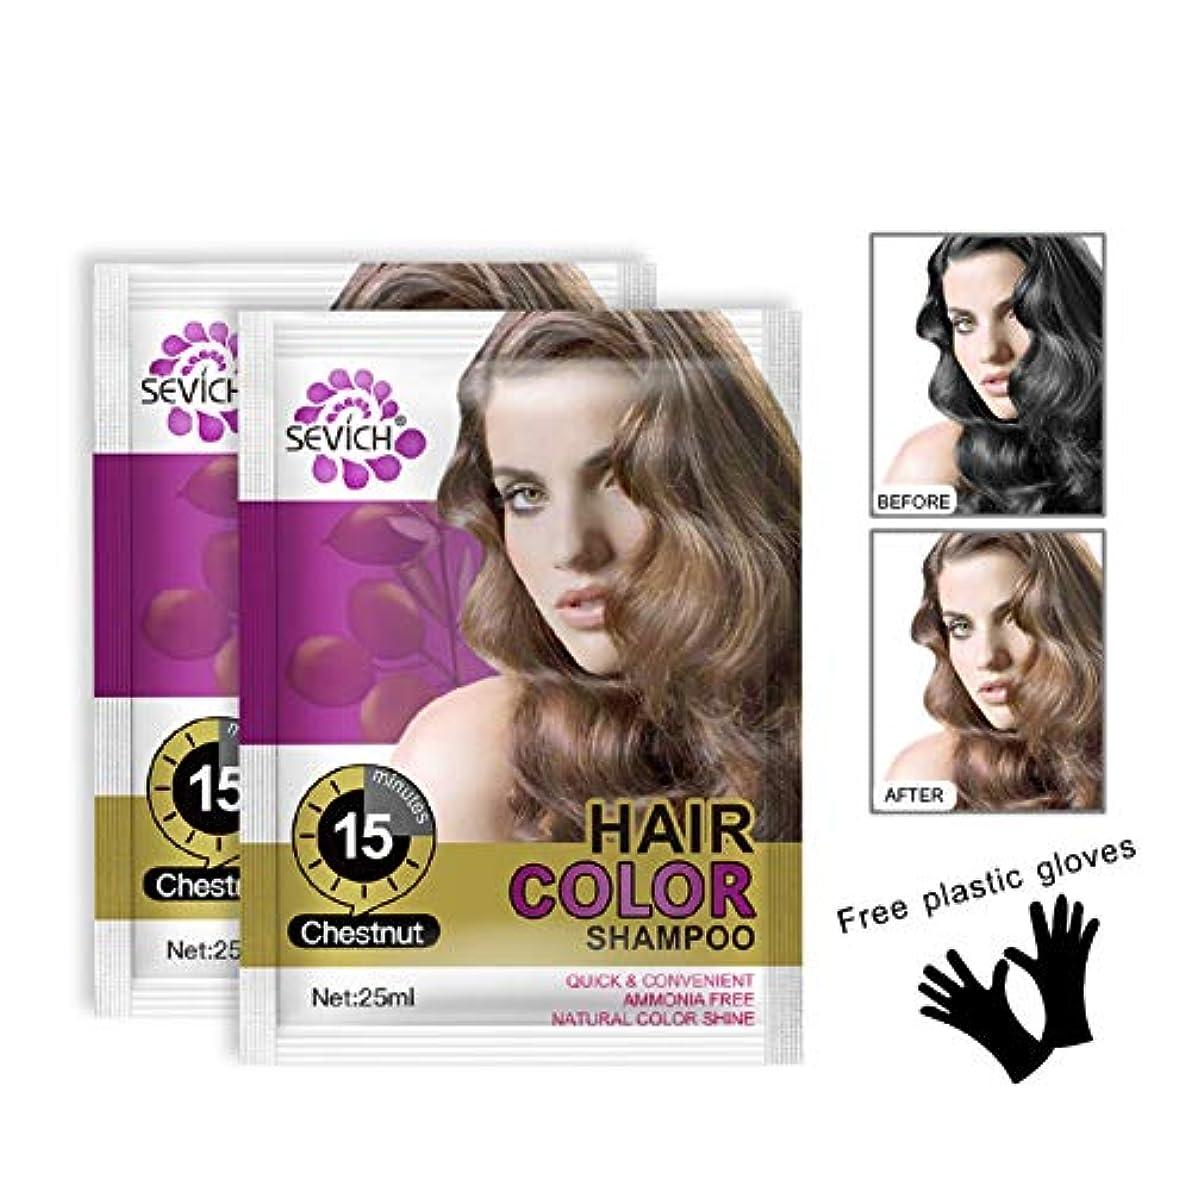 悪性空港シードヘアカラー ヘア染め ヘアカラースタイリング 髪の色のシャンプ ヘアシャンプー 純粋な植物 自然 刺激ない ヘアケア 10枚セット Cutelove